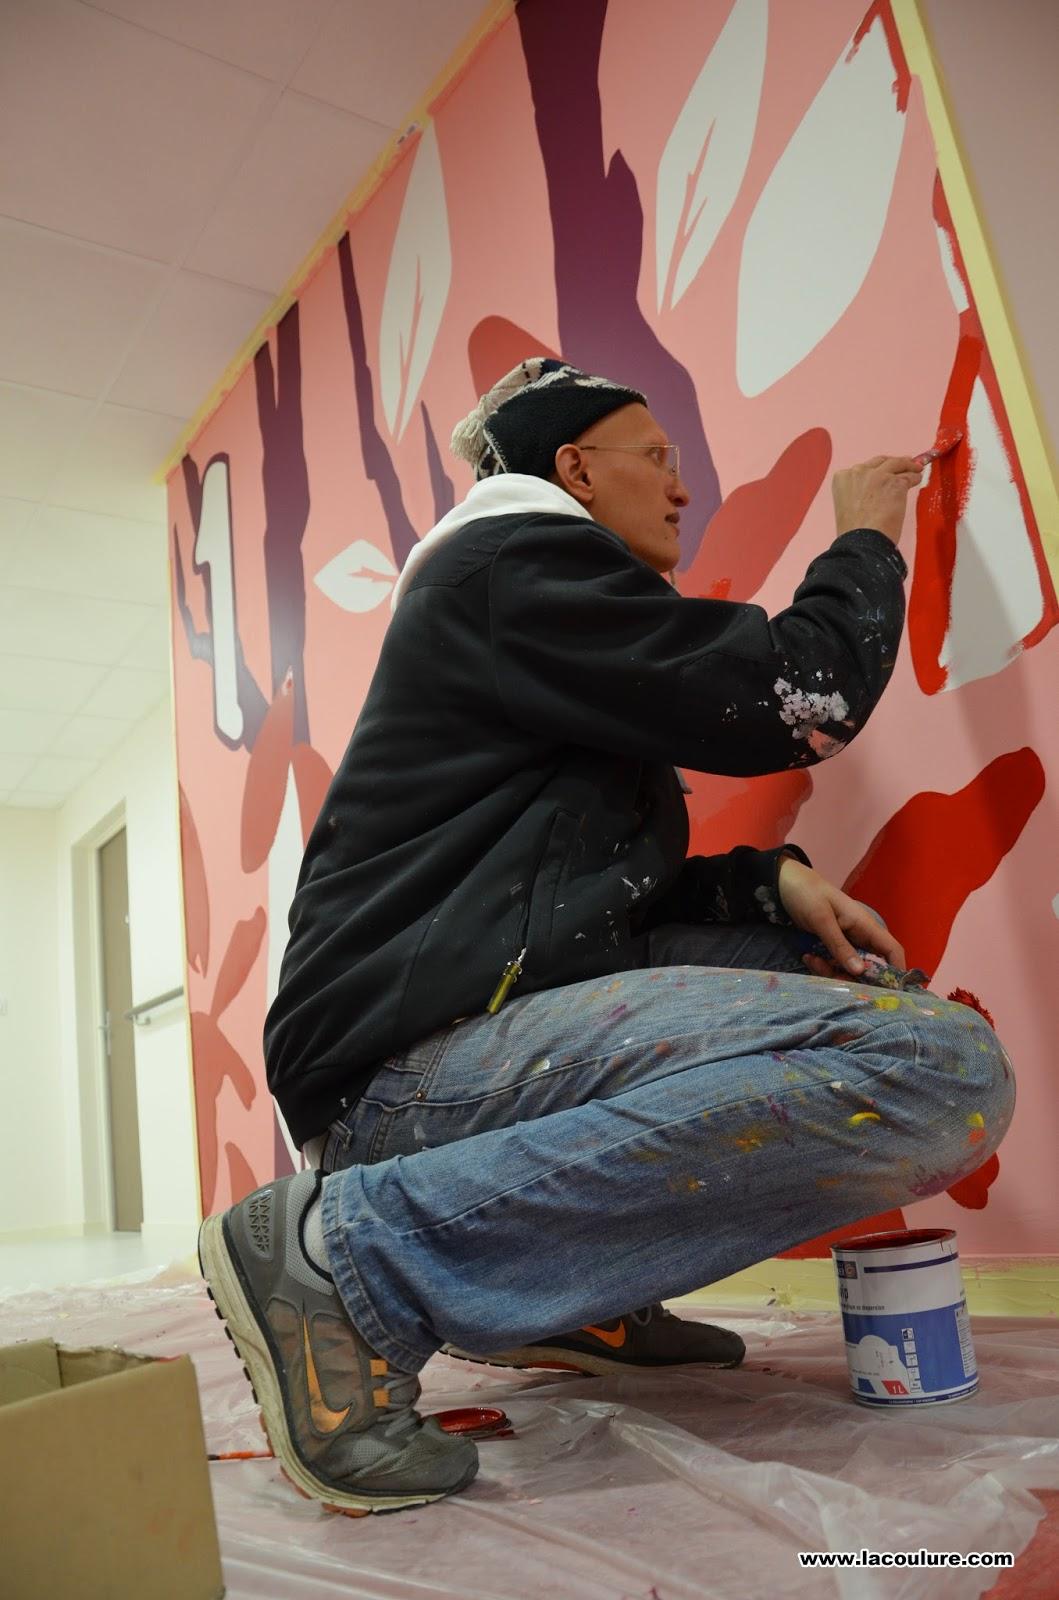 collectif la coulure graffiti lyon r sidence pour personnes ag es. Black Bedroom Furniture Sets. Home Design Ideas